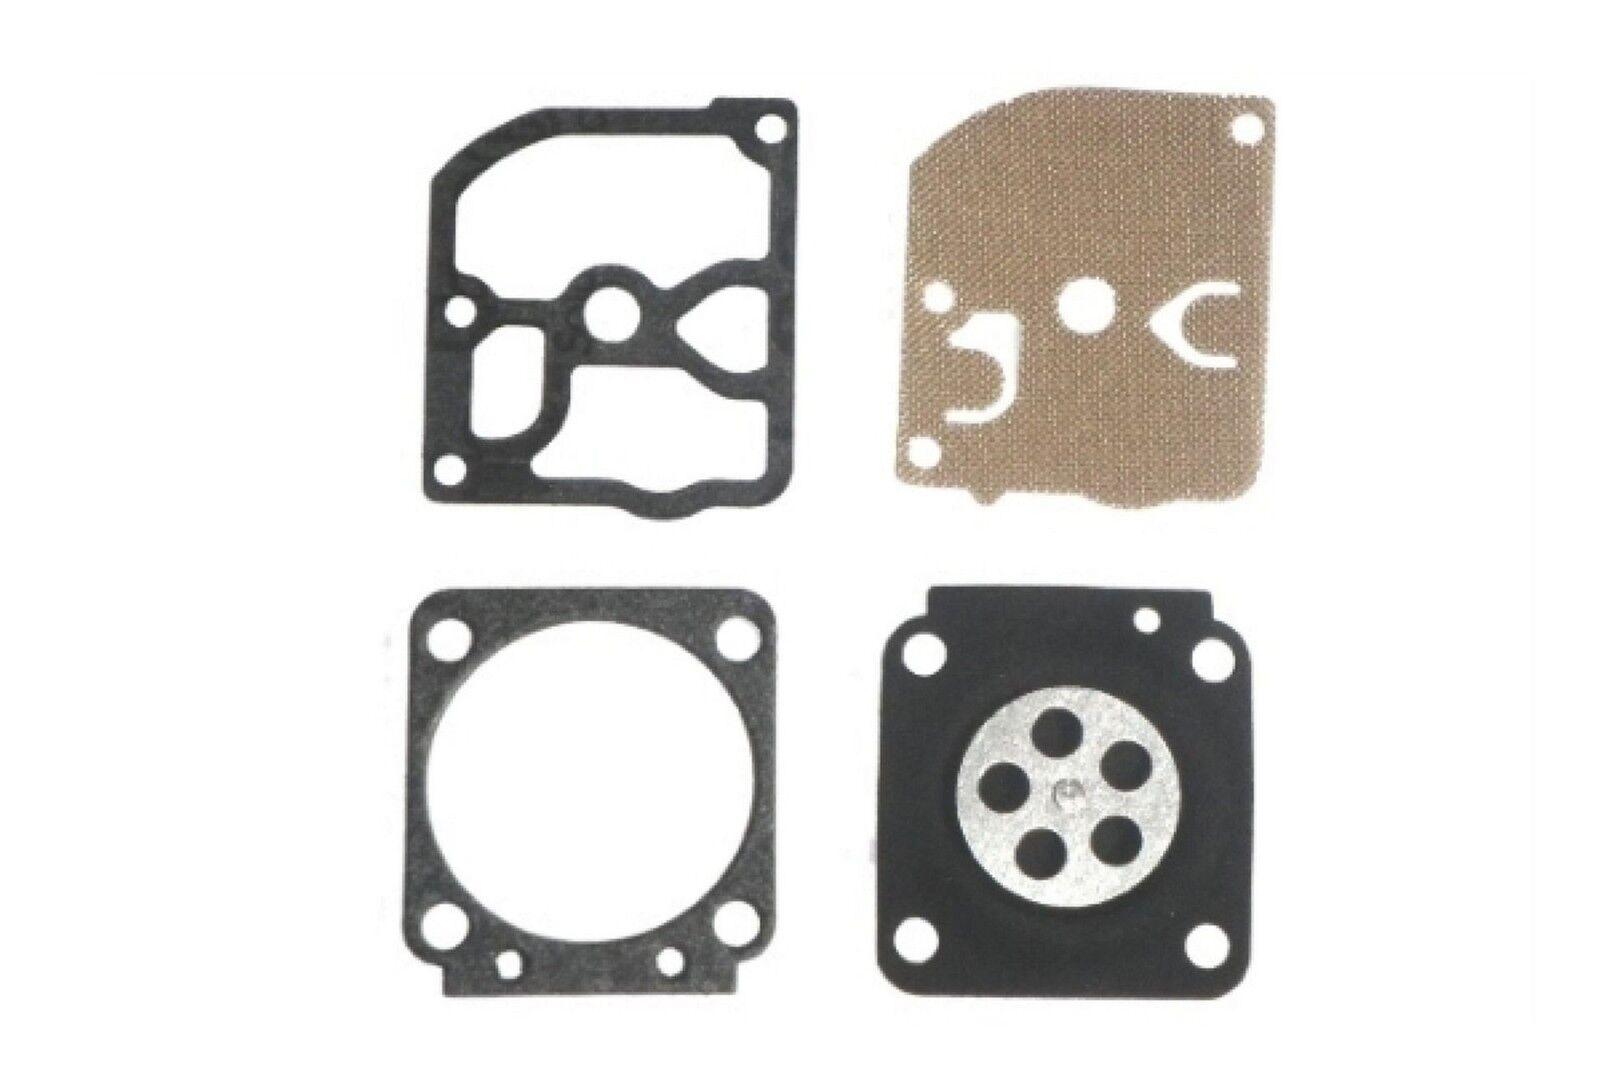 Carburador membrana-conjunto de reparación adecuado Stihl FS 500 550 walbro motosierra nuevo